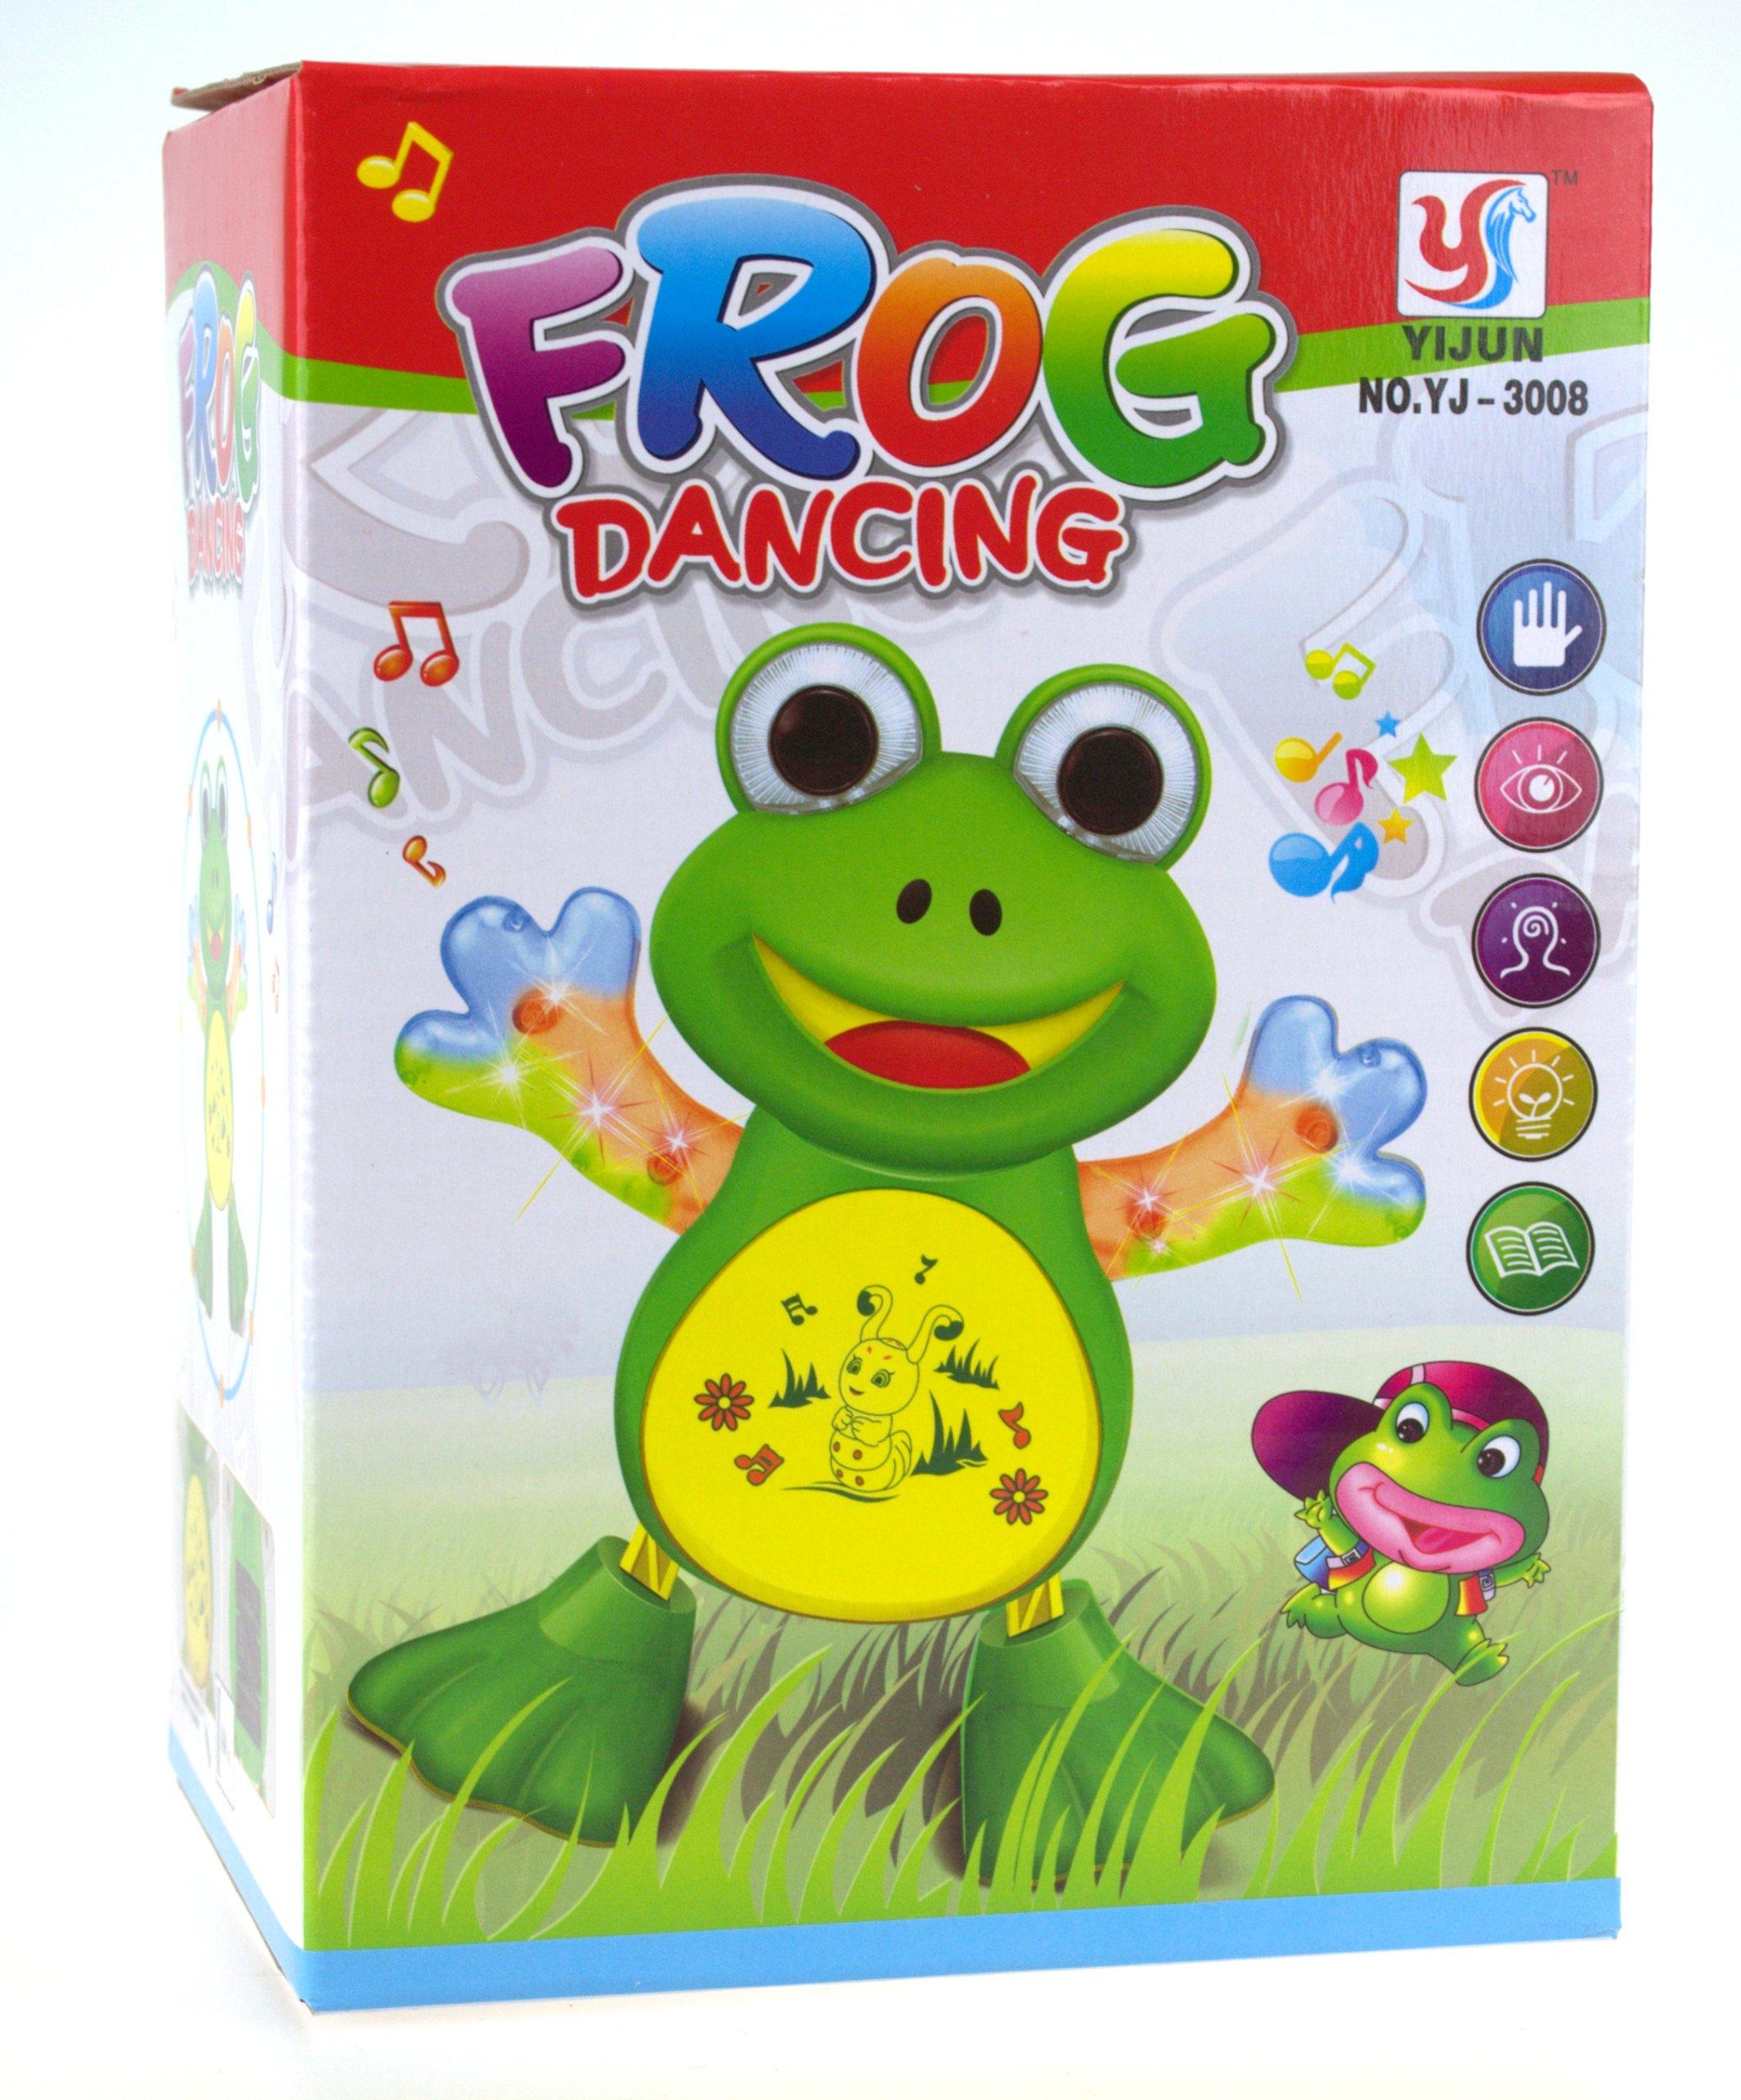 Vzdelávacia interaktívna batéria žaba